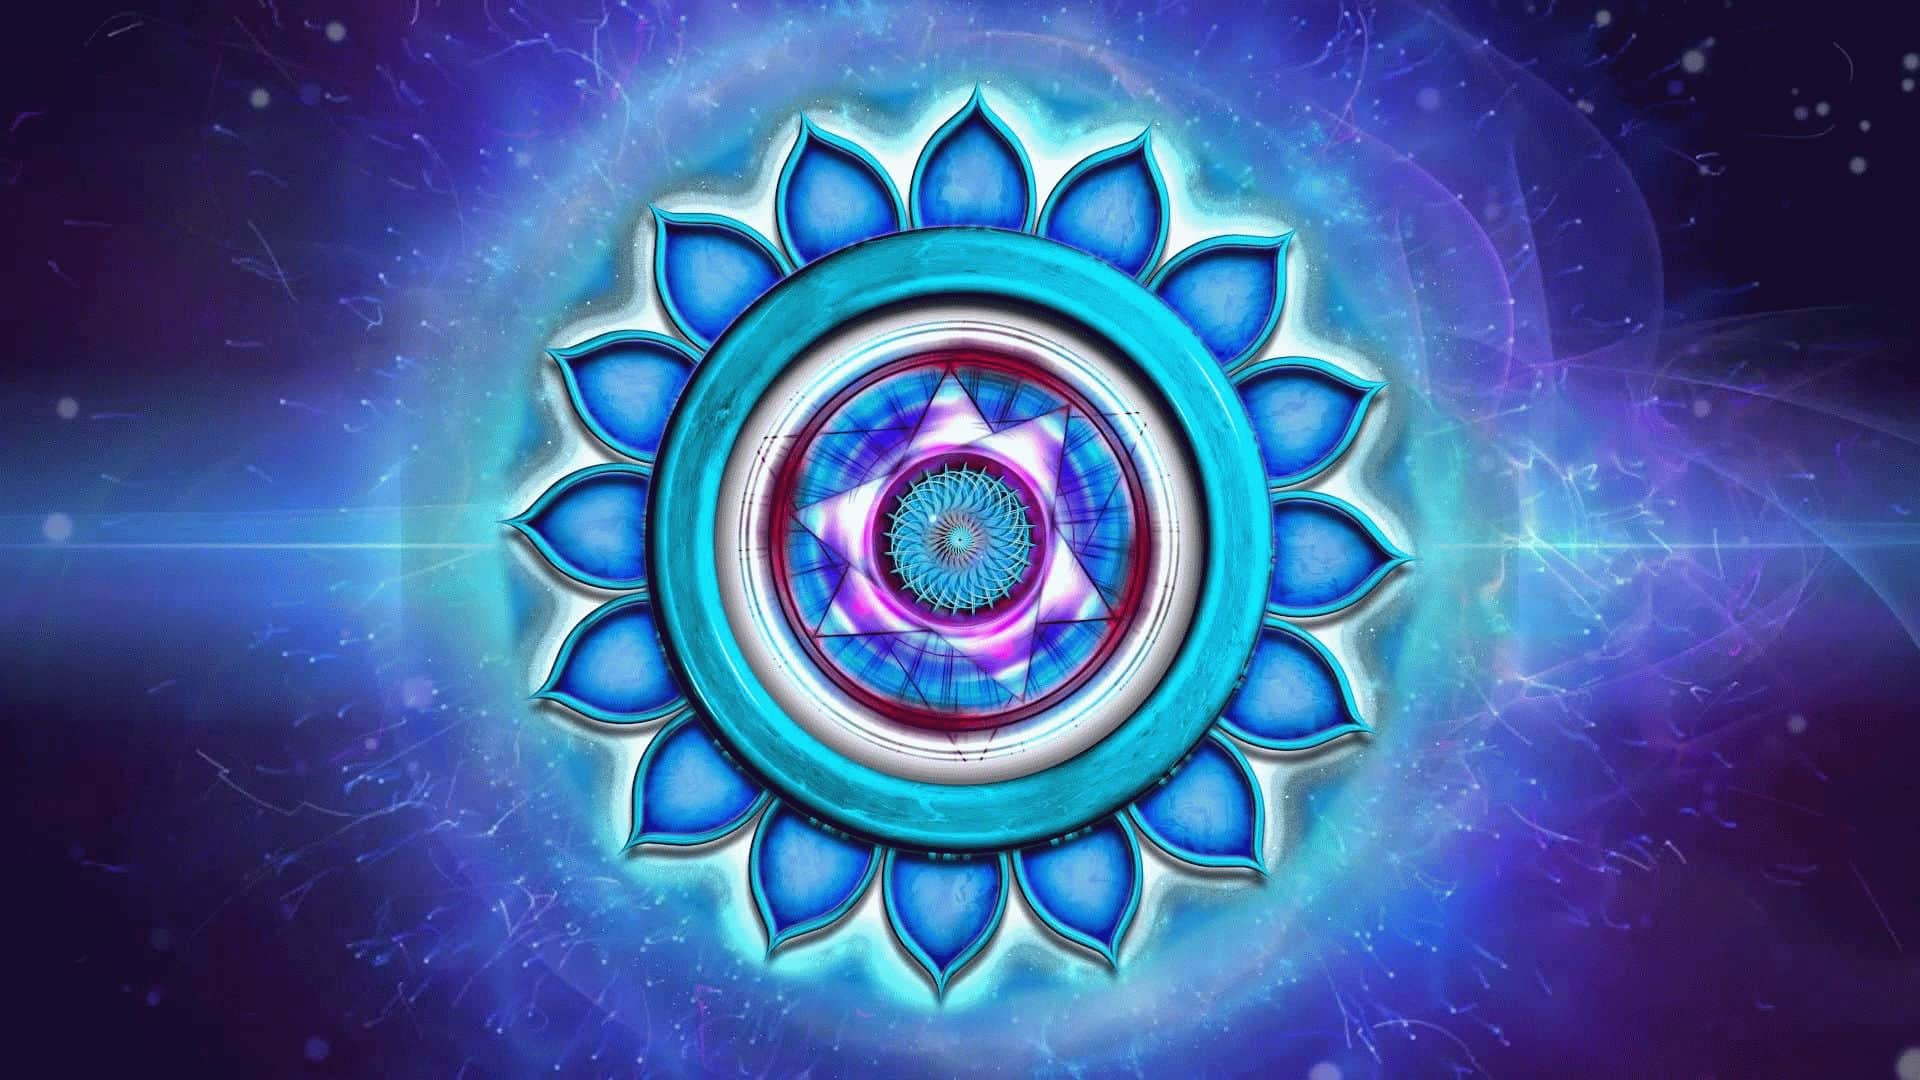 Вишудха чакра - как максимально проявить в себе энергию 5 чакры